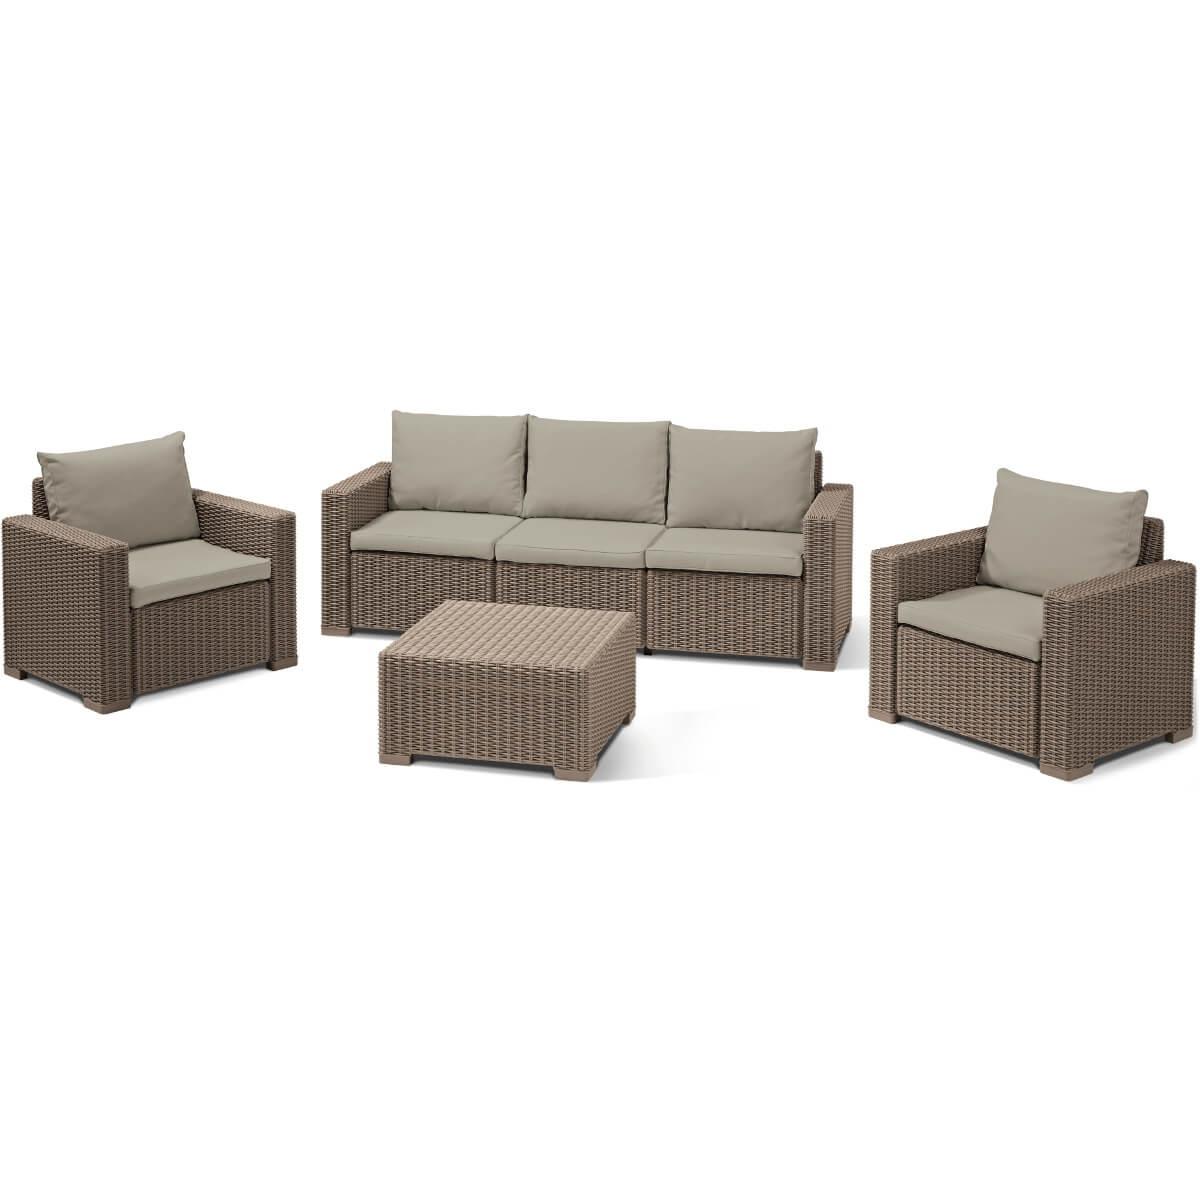 Комплект мебели Allibert Комплект мебели Allibert California 3 Seater 17198931